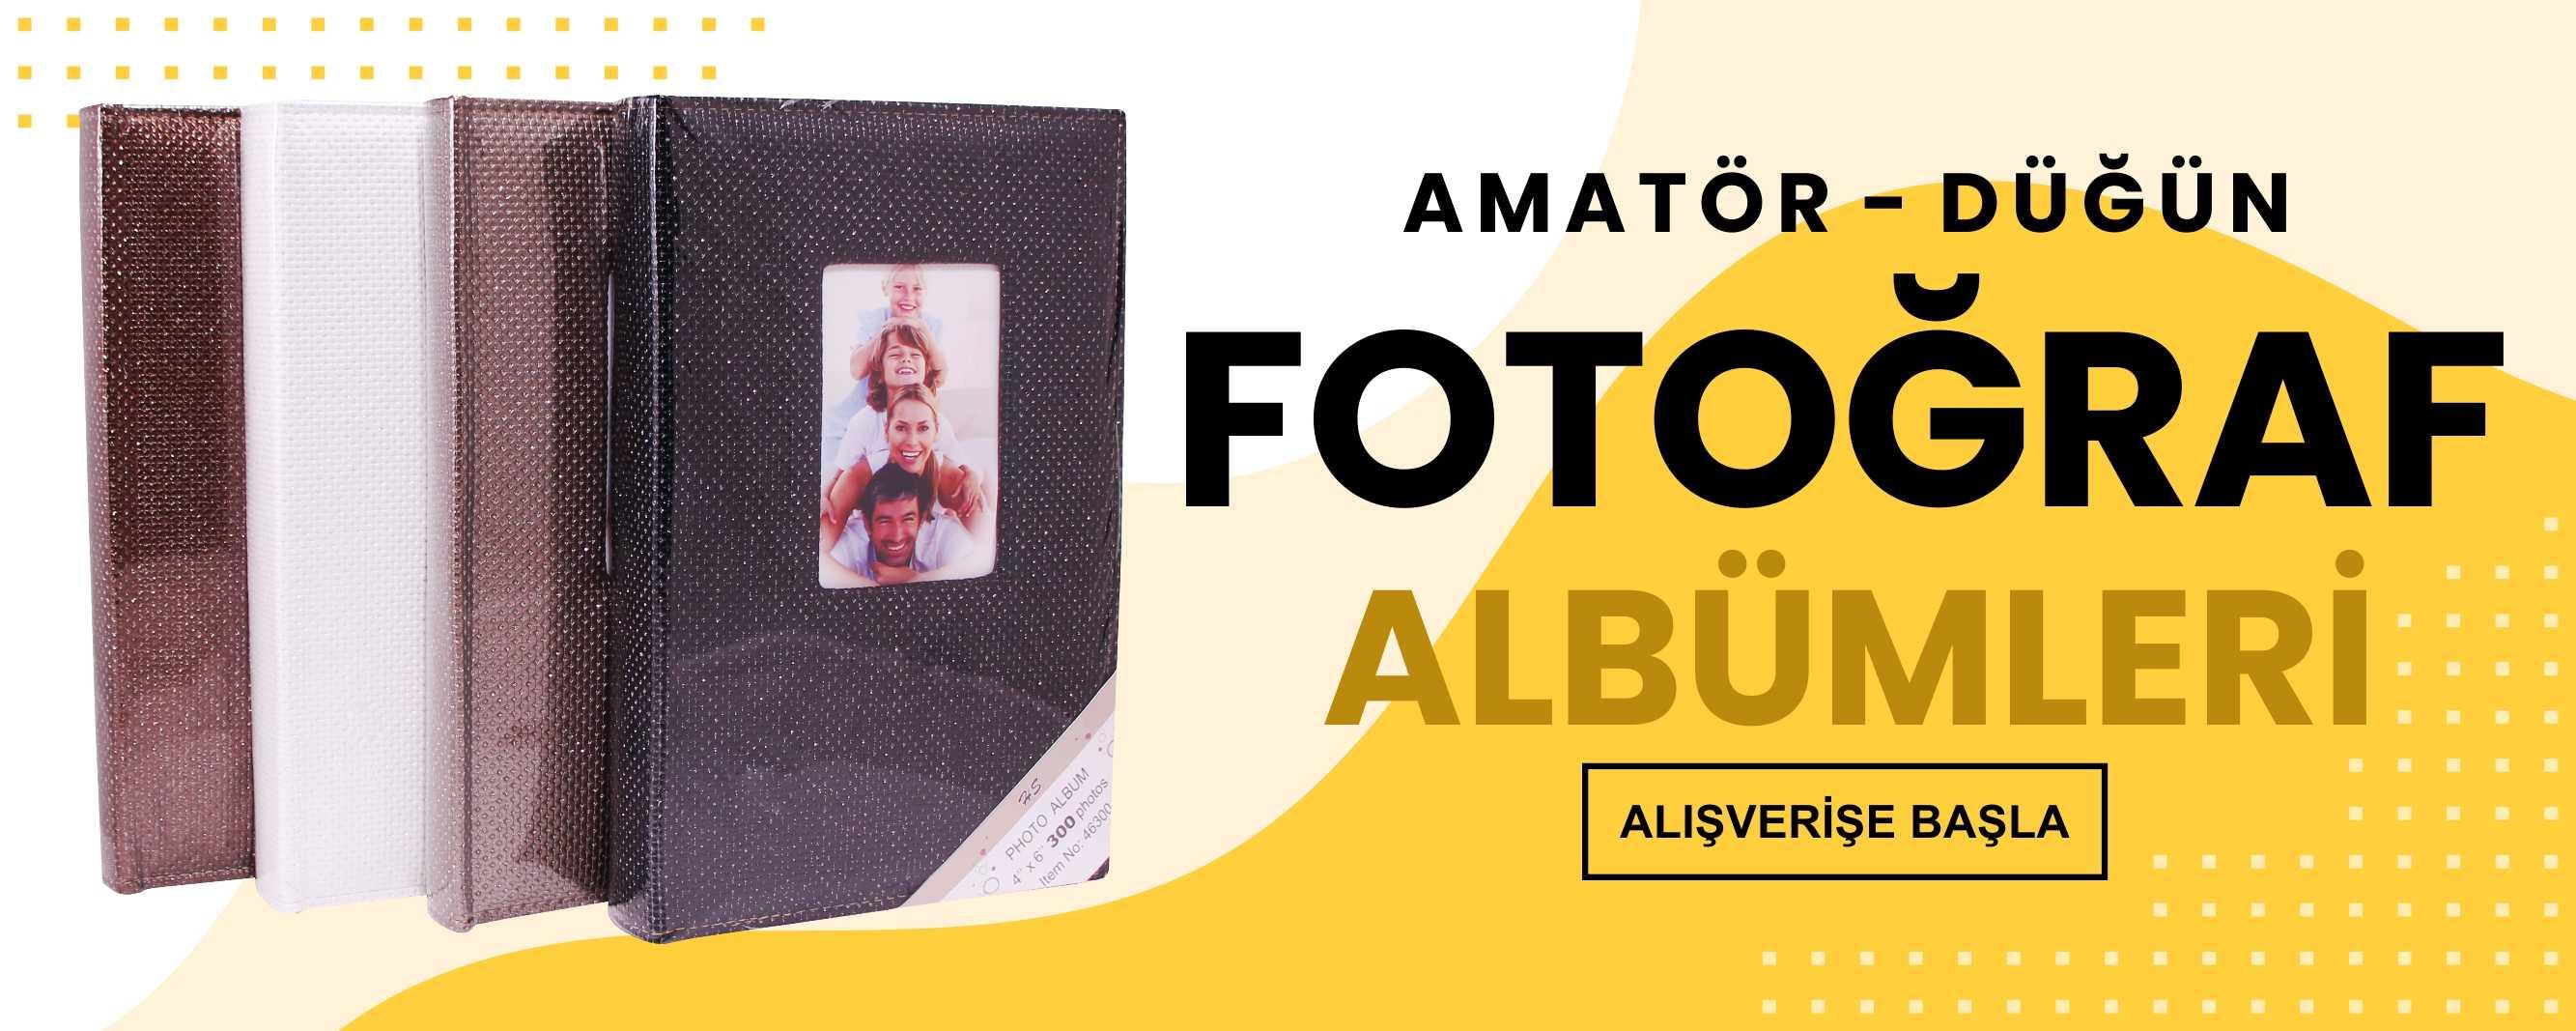 fotograf-albumleri